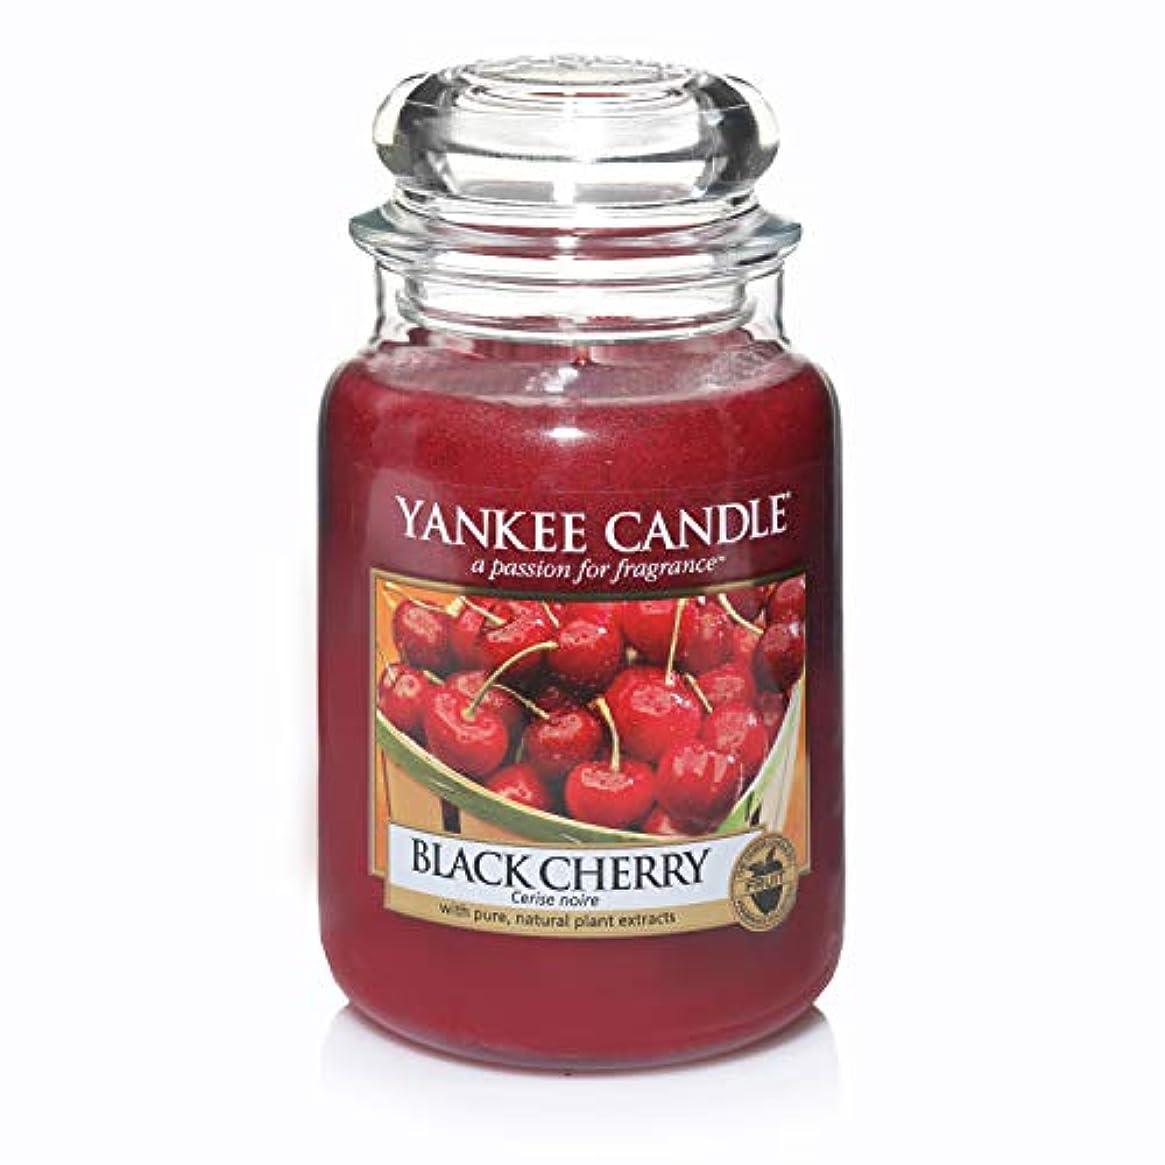 顔料意気揚々このYankee Candle Large Jar Candle, Black Cherry by Yankee Candle